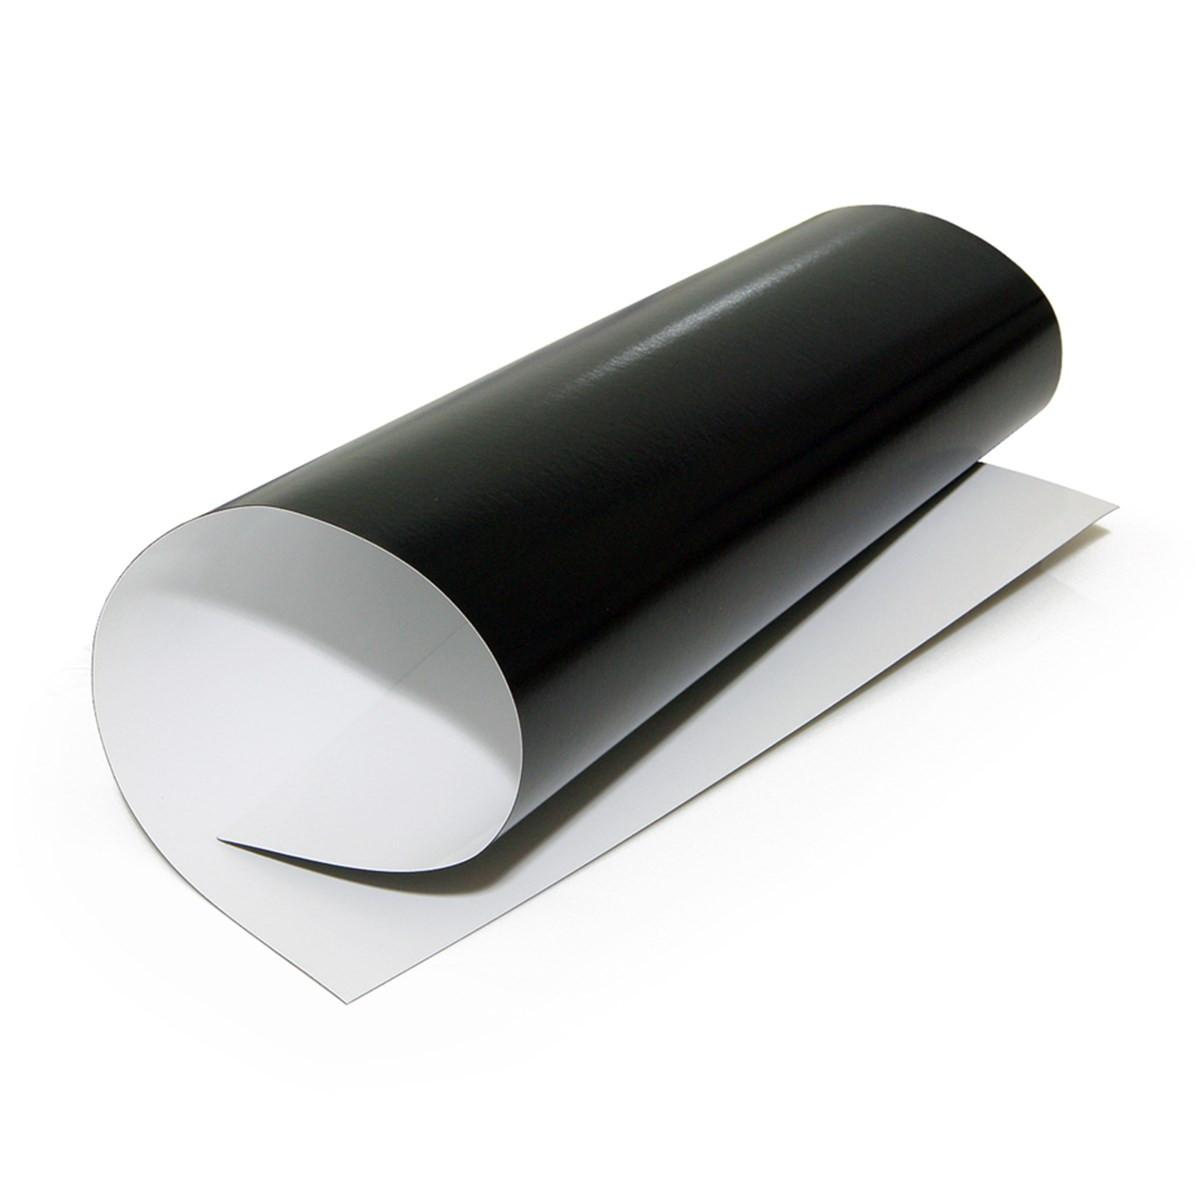 Papel Magnético Fotográfico Glossy Brilhante   690g tamanho A4   Pacote com 05 folhas